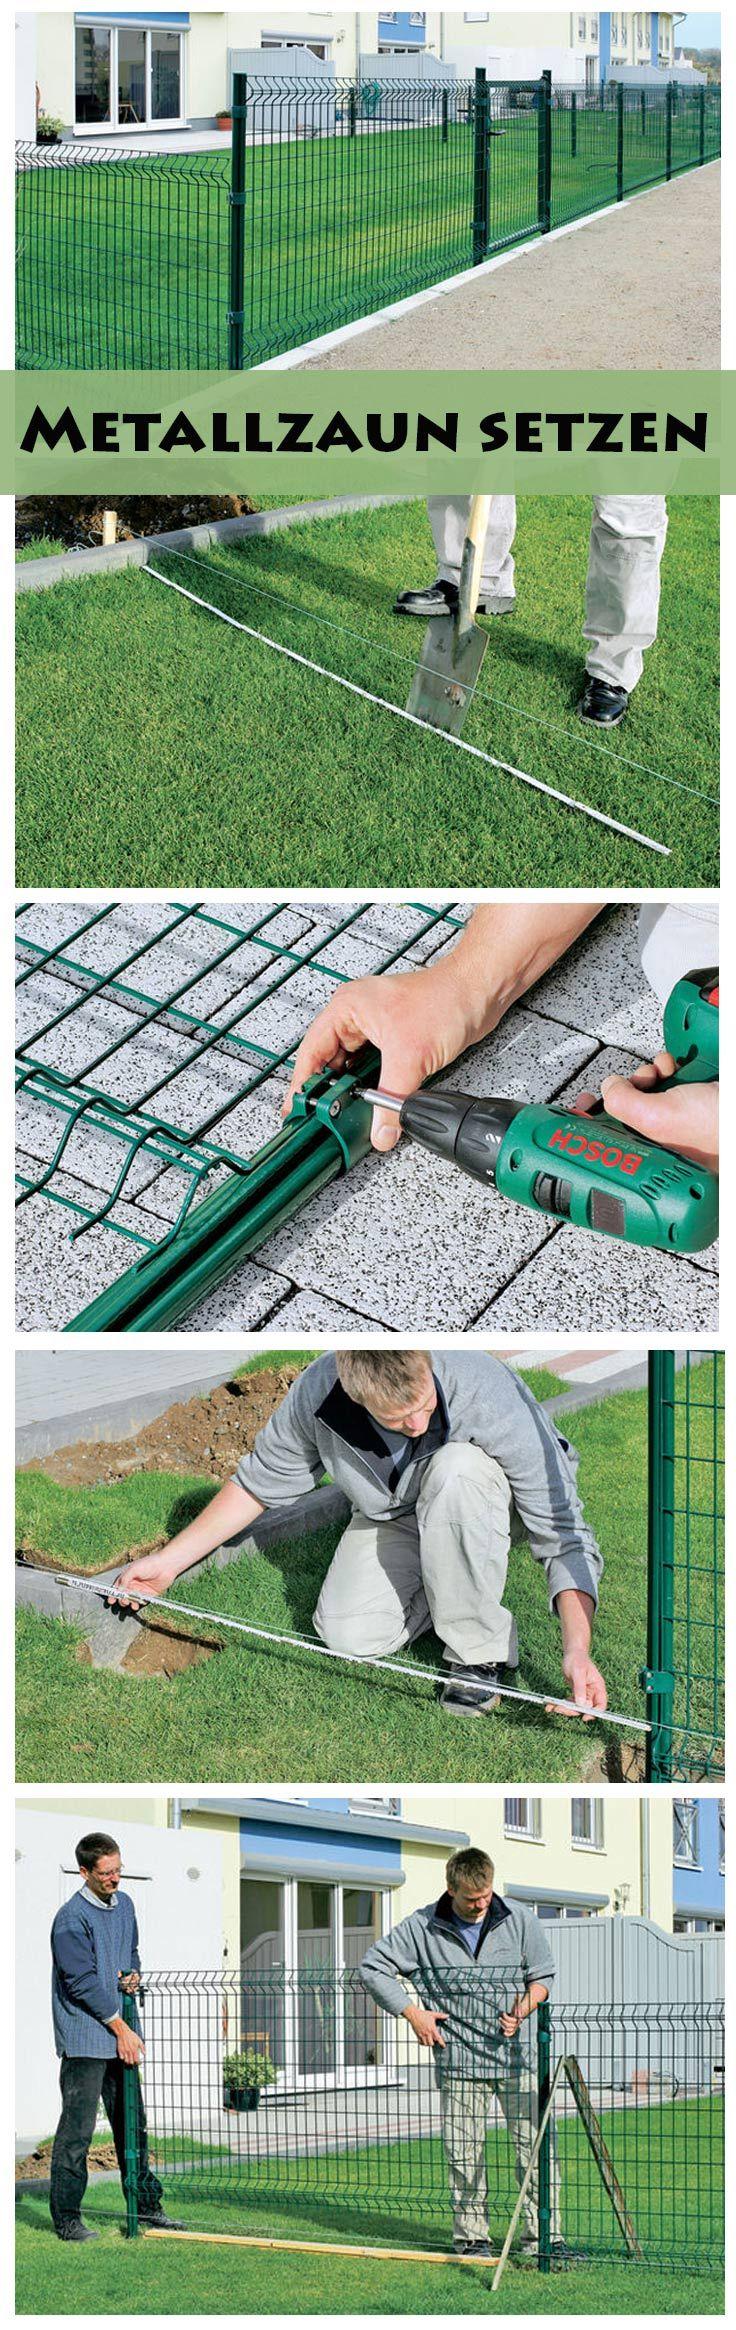 Metallzaun Garten Fence Metal Fence Und Garden